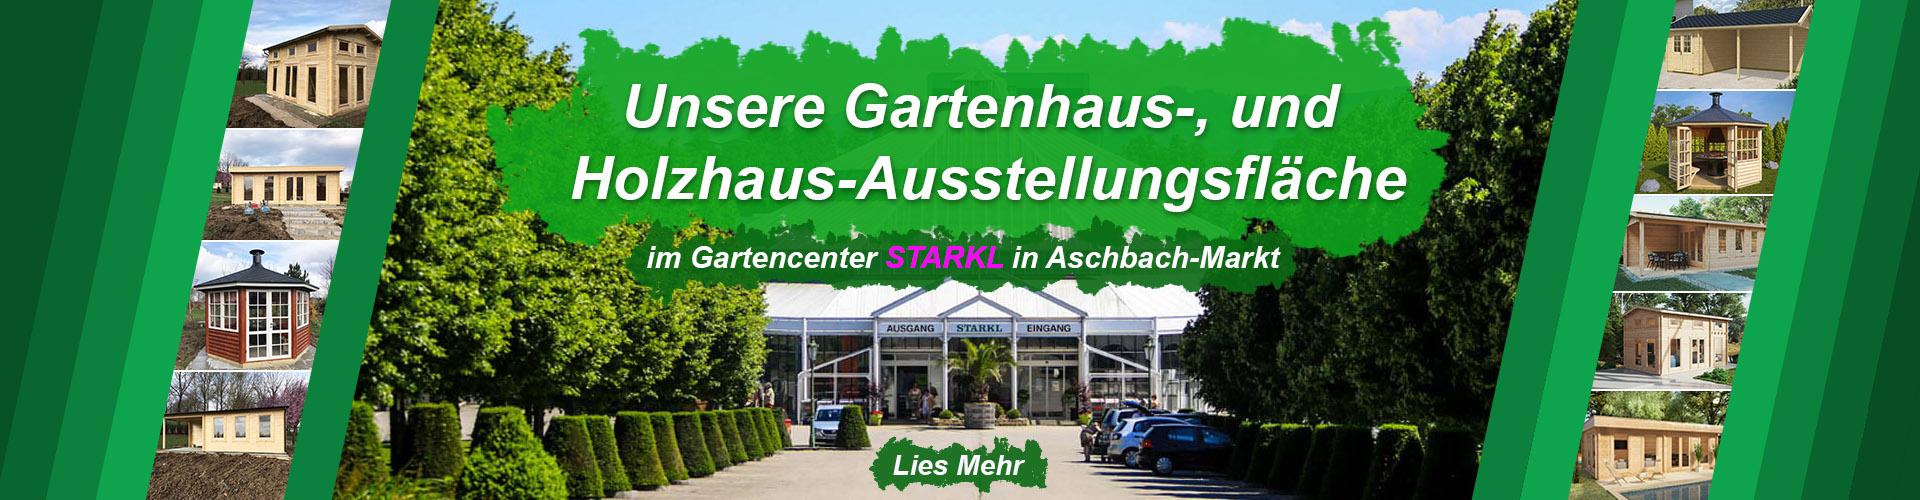 Unsere Gartenhaus-, und Holzhaus- Ausstellungsfläche im Gartencenter STARKL in Aschbach-Markt